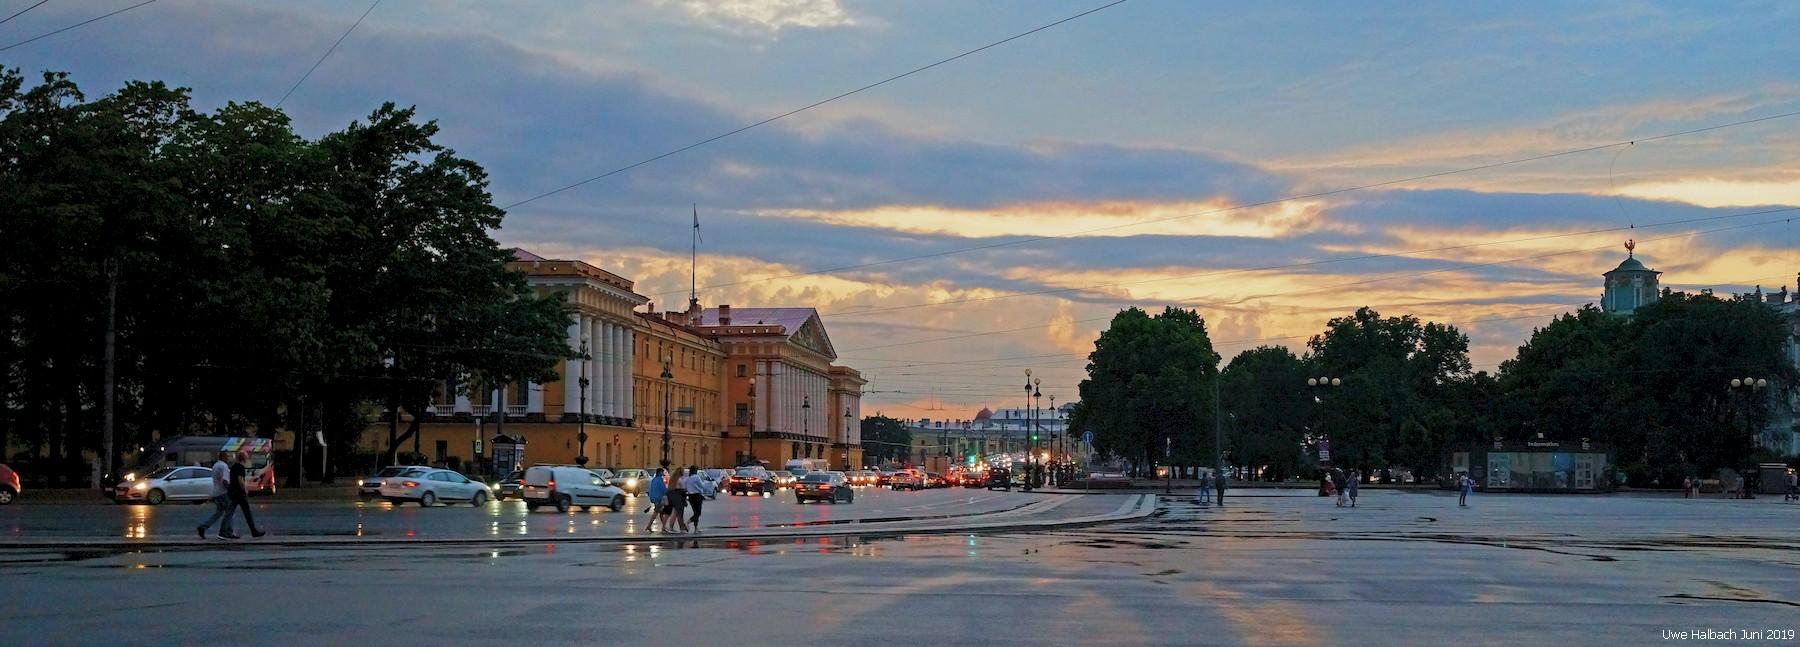 02-Petersburg-abends-1800